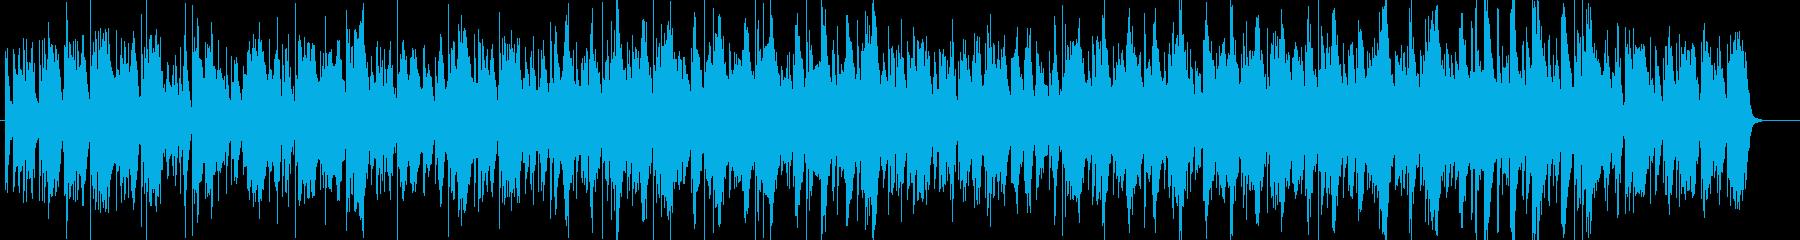 ミニマルなビート、サイエンスの再生済みの波形